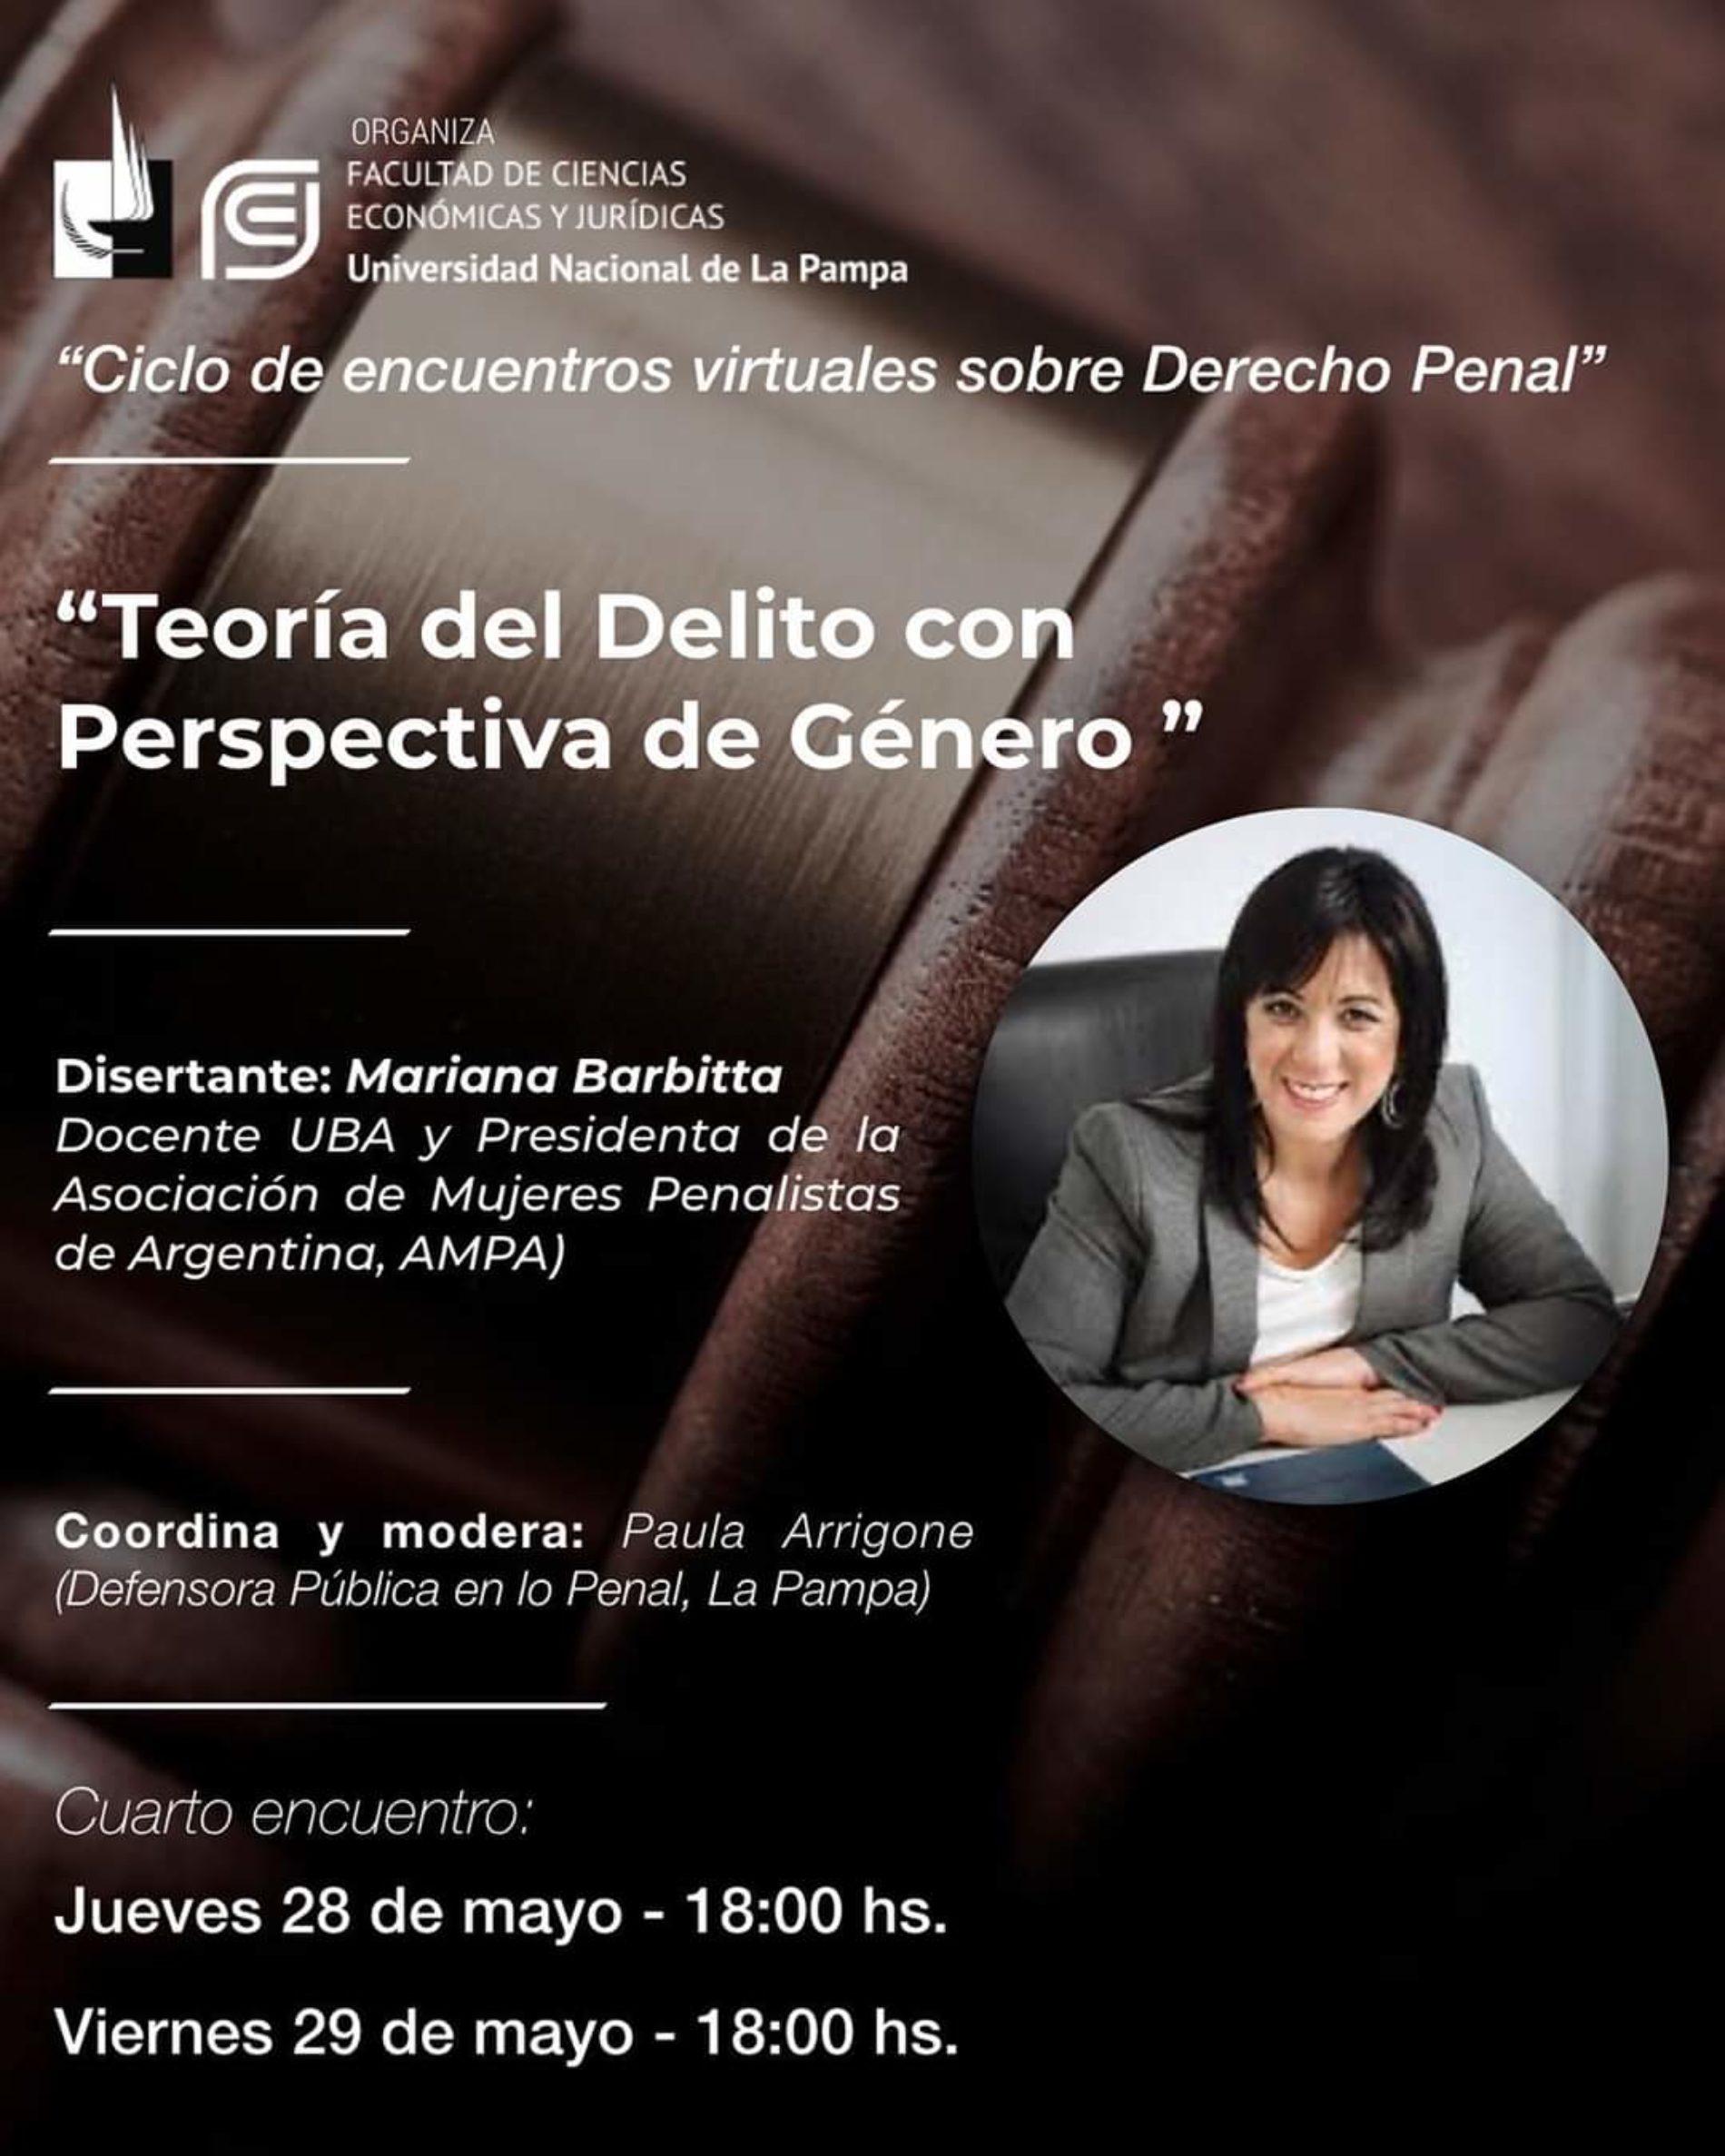 """""""Teoría del Delito con Perspectiva de Género"""" cuarto encuentro del Ciclo de Encuentros Virtuales sobre Derecho Penal."""